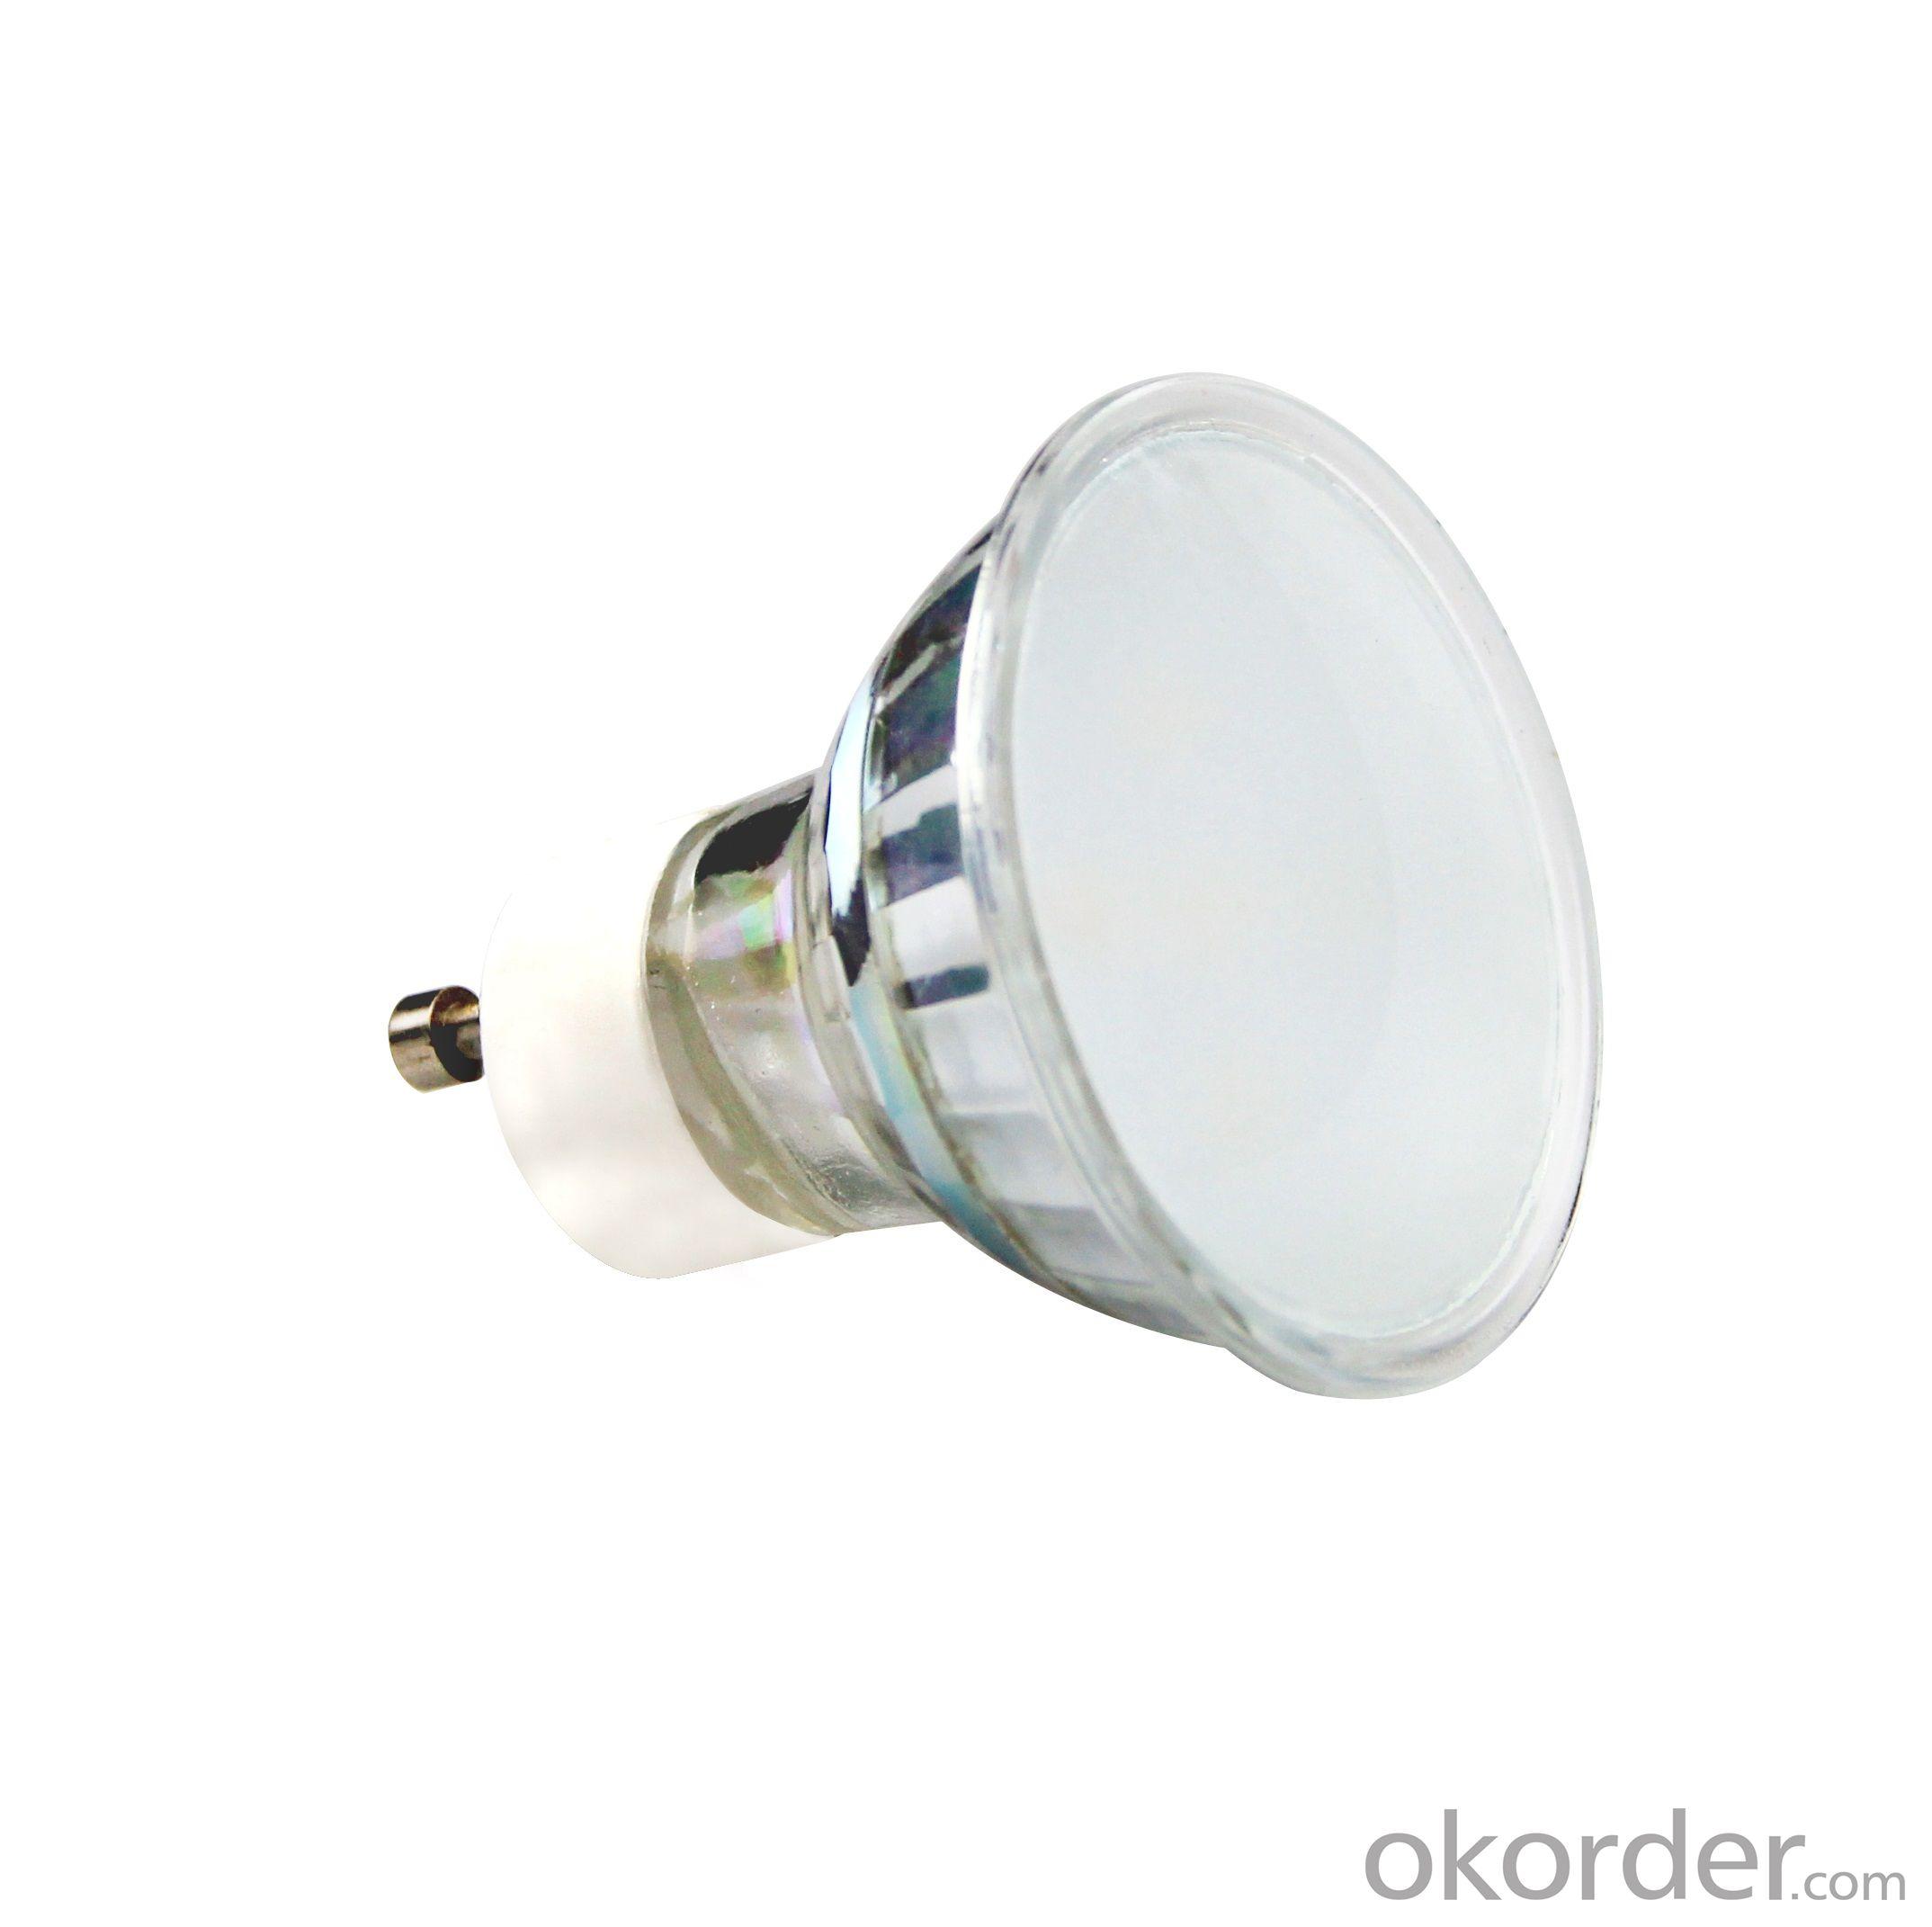 LED   Spotlight    MR16-DC011-2835T3W-12V